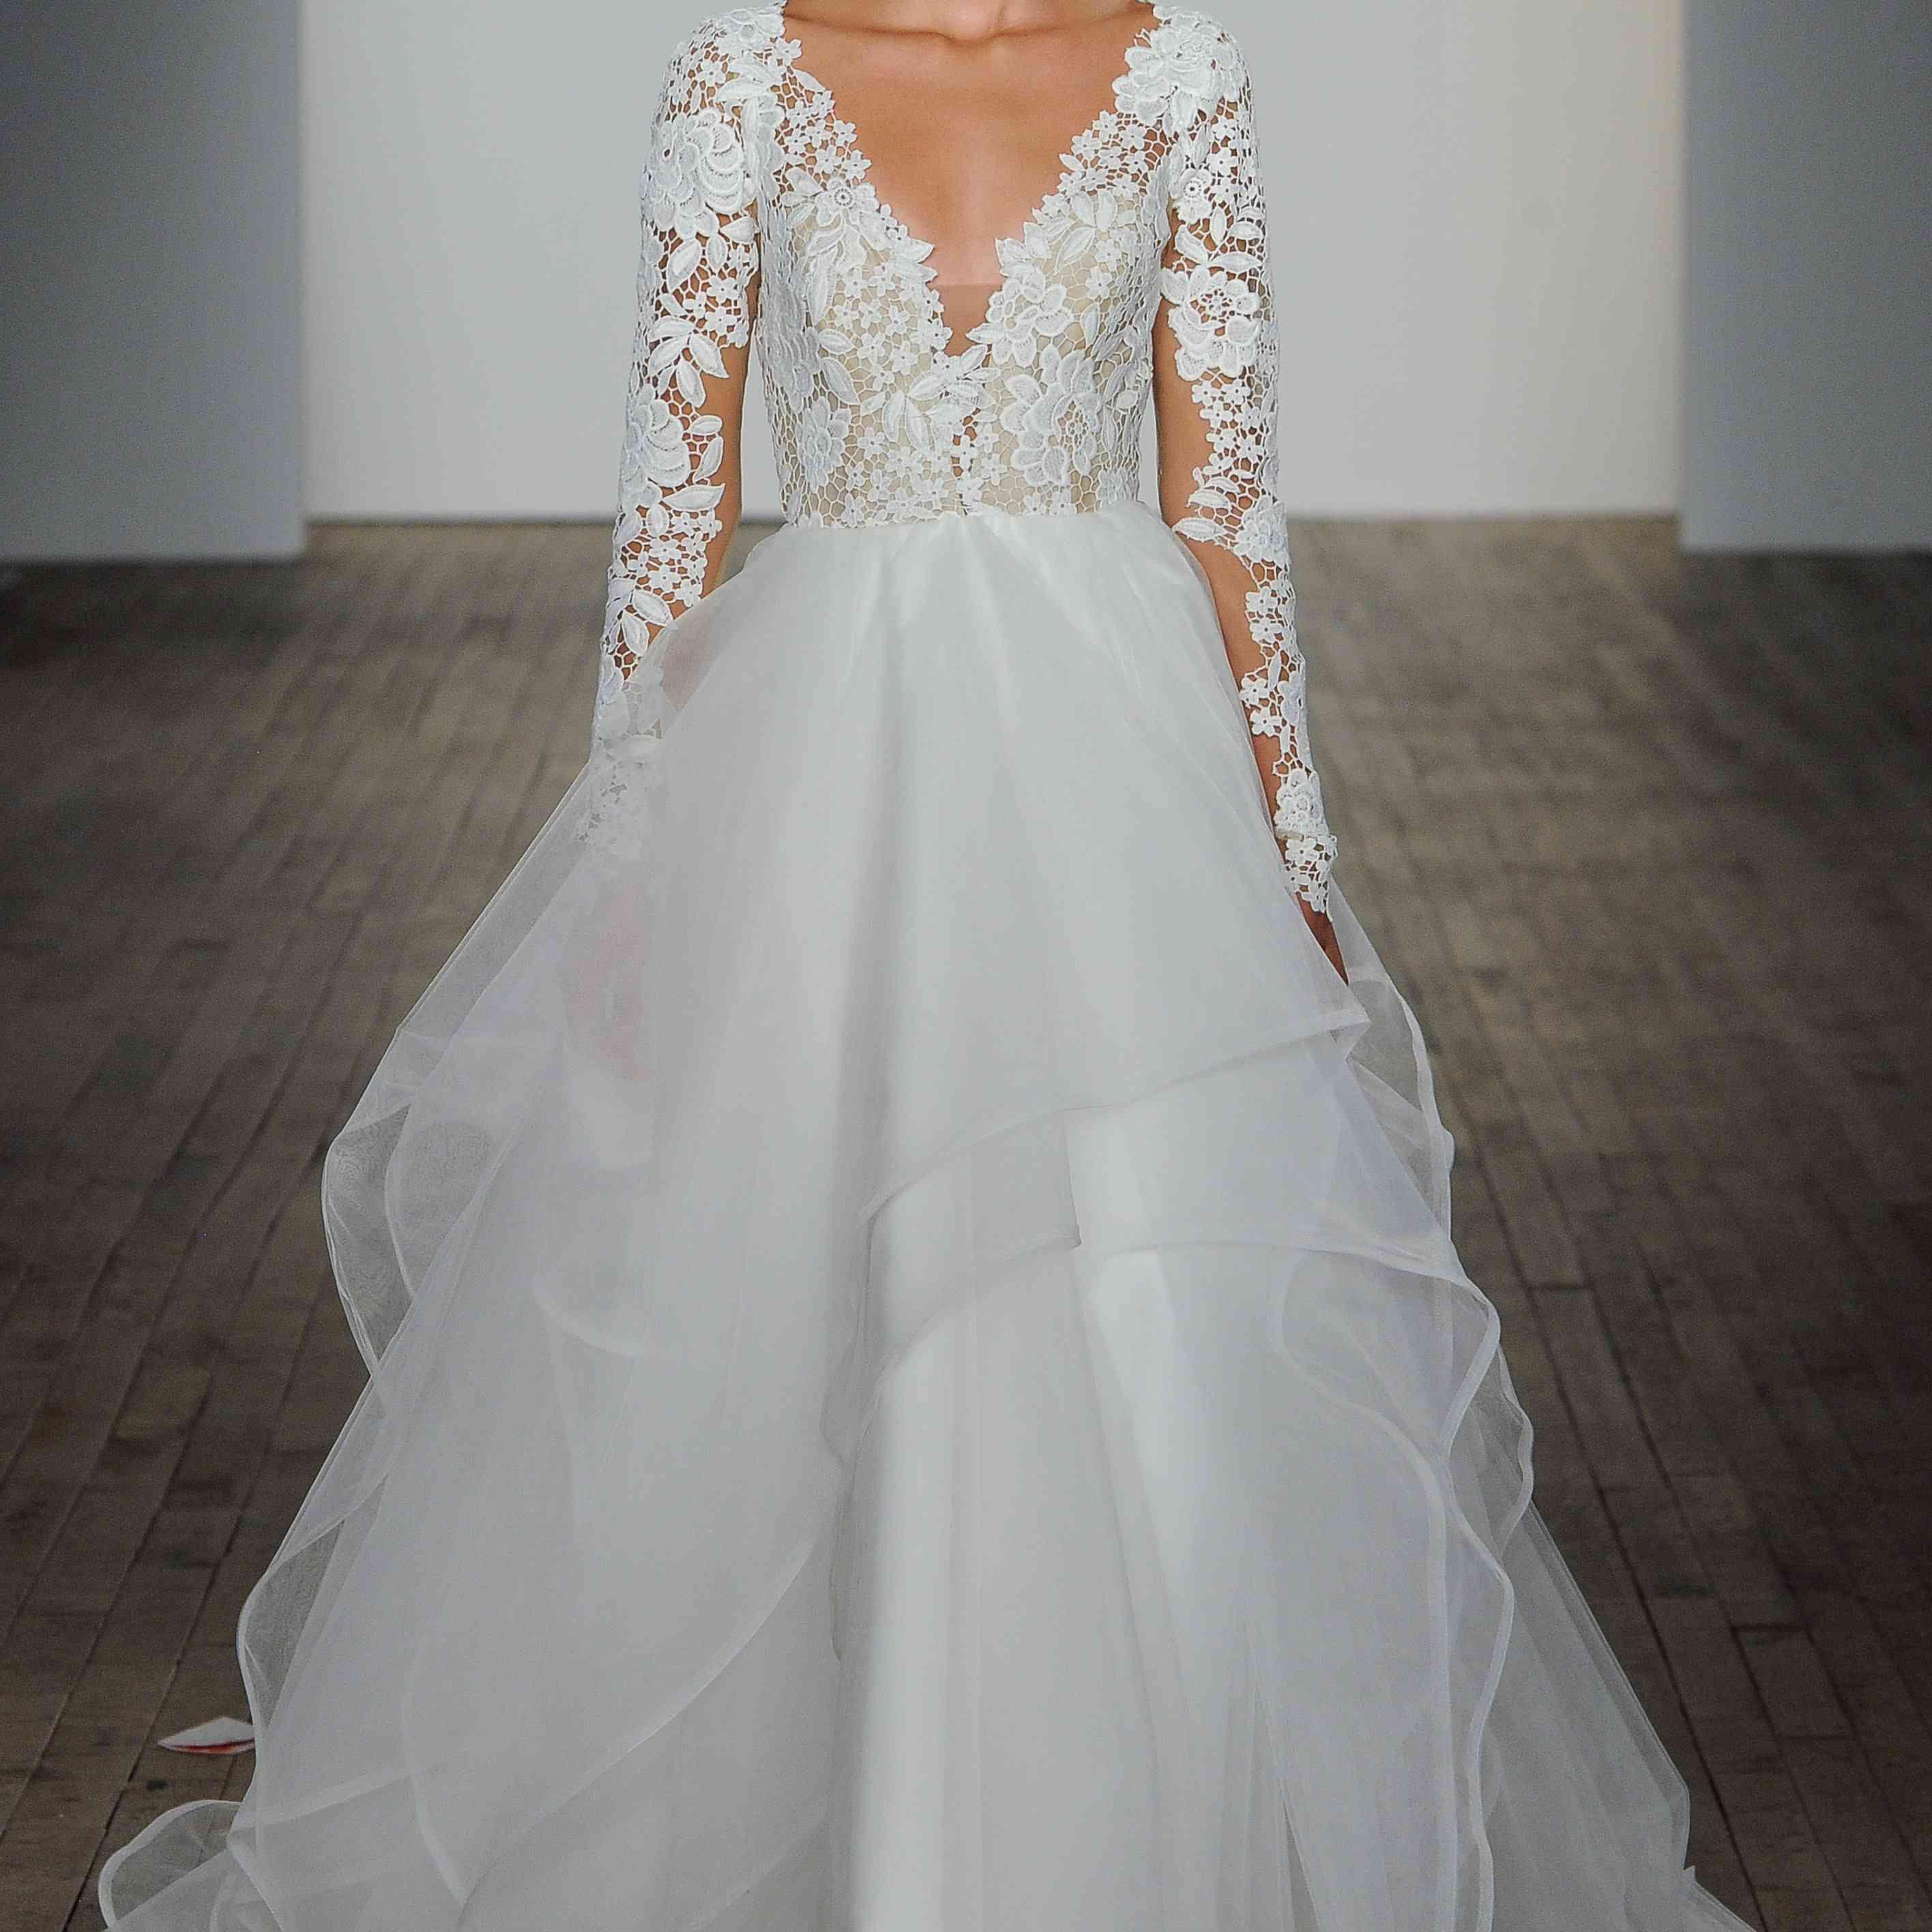 Praise long sleeve wedding dress